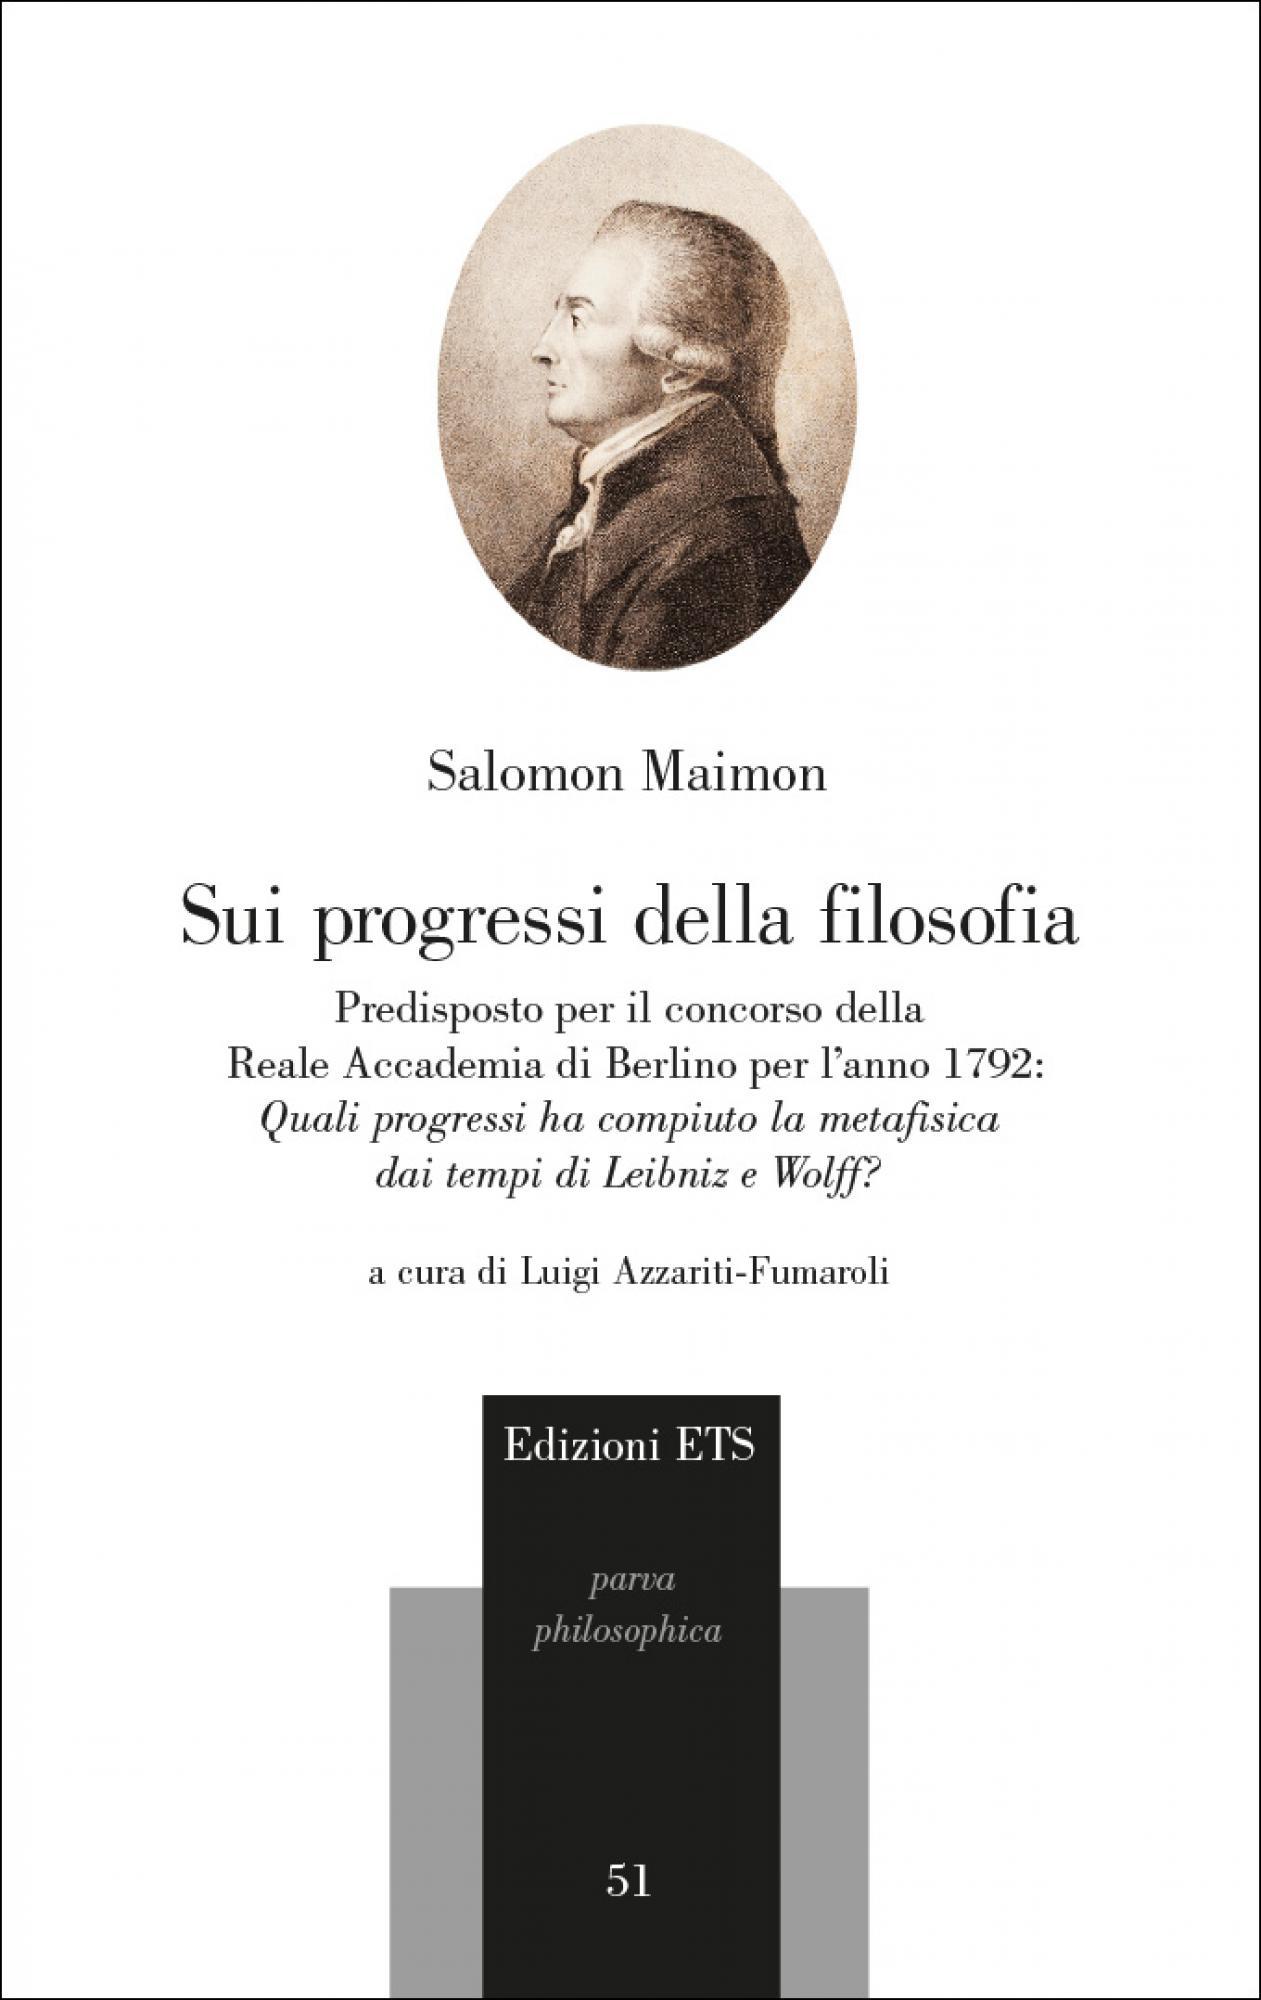 Sui progressi della filosofia.Predisposto per il concorso della Reale Accademia di Berlino per l'anno 1792: «Quali progressi ha compiuto la metafisica dai tempi di Leibniz e Wolff?»